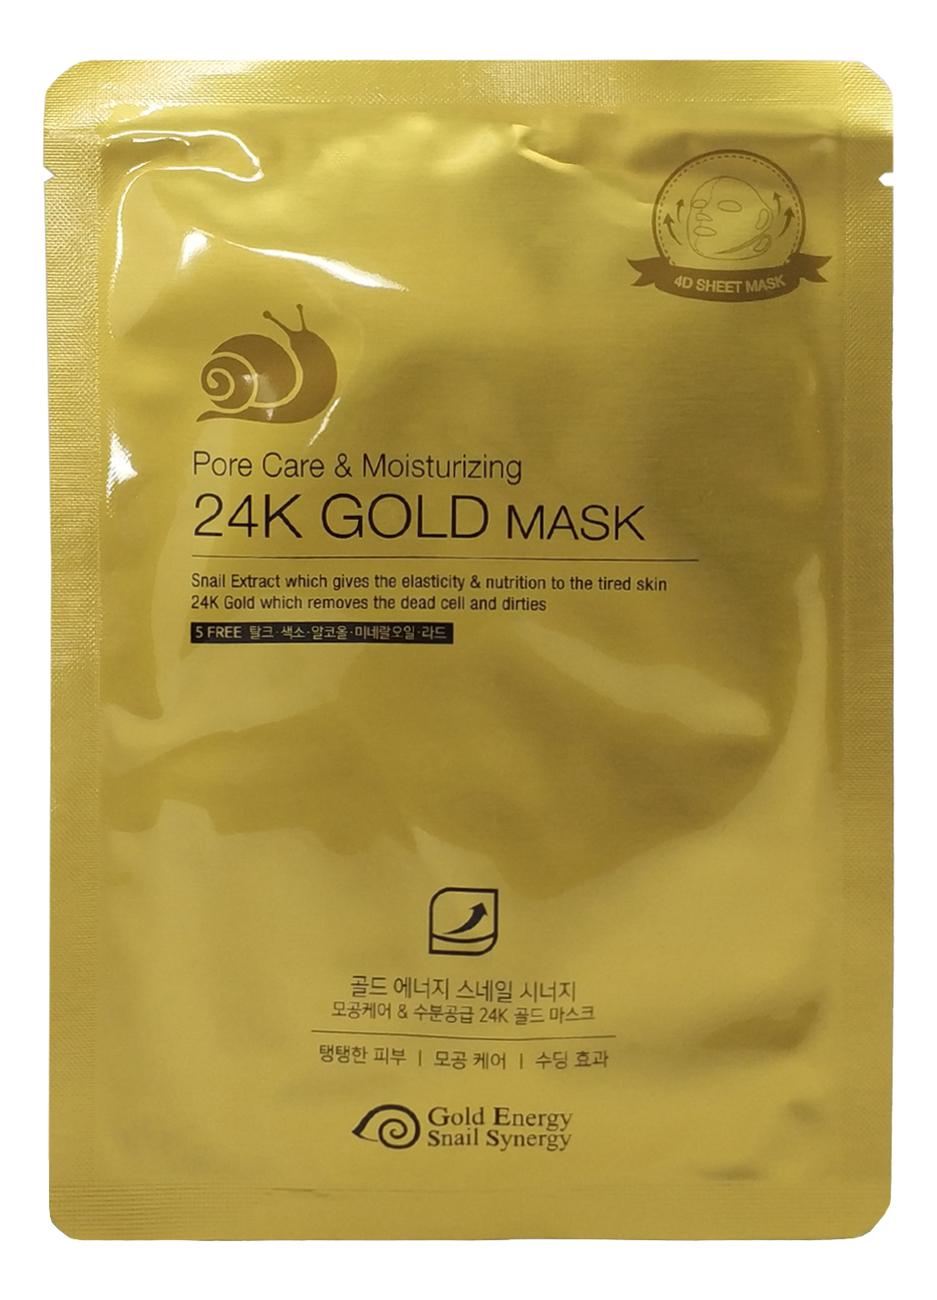 Купить Маска для лица увлажняющая Pore Care & Moisturizing 24K Gold Mask: Маска 1шт, Маска для лица увлажняющая Pore Care & Moisturizing 24K Gold Mask, Gold & Snail